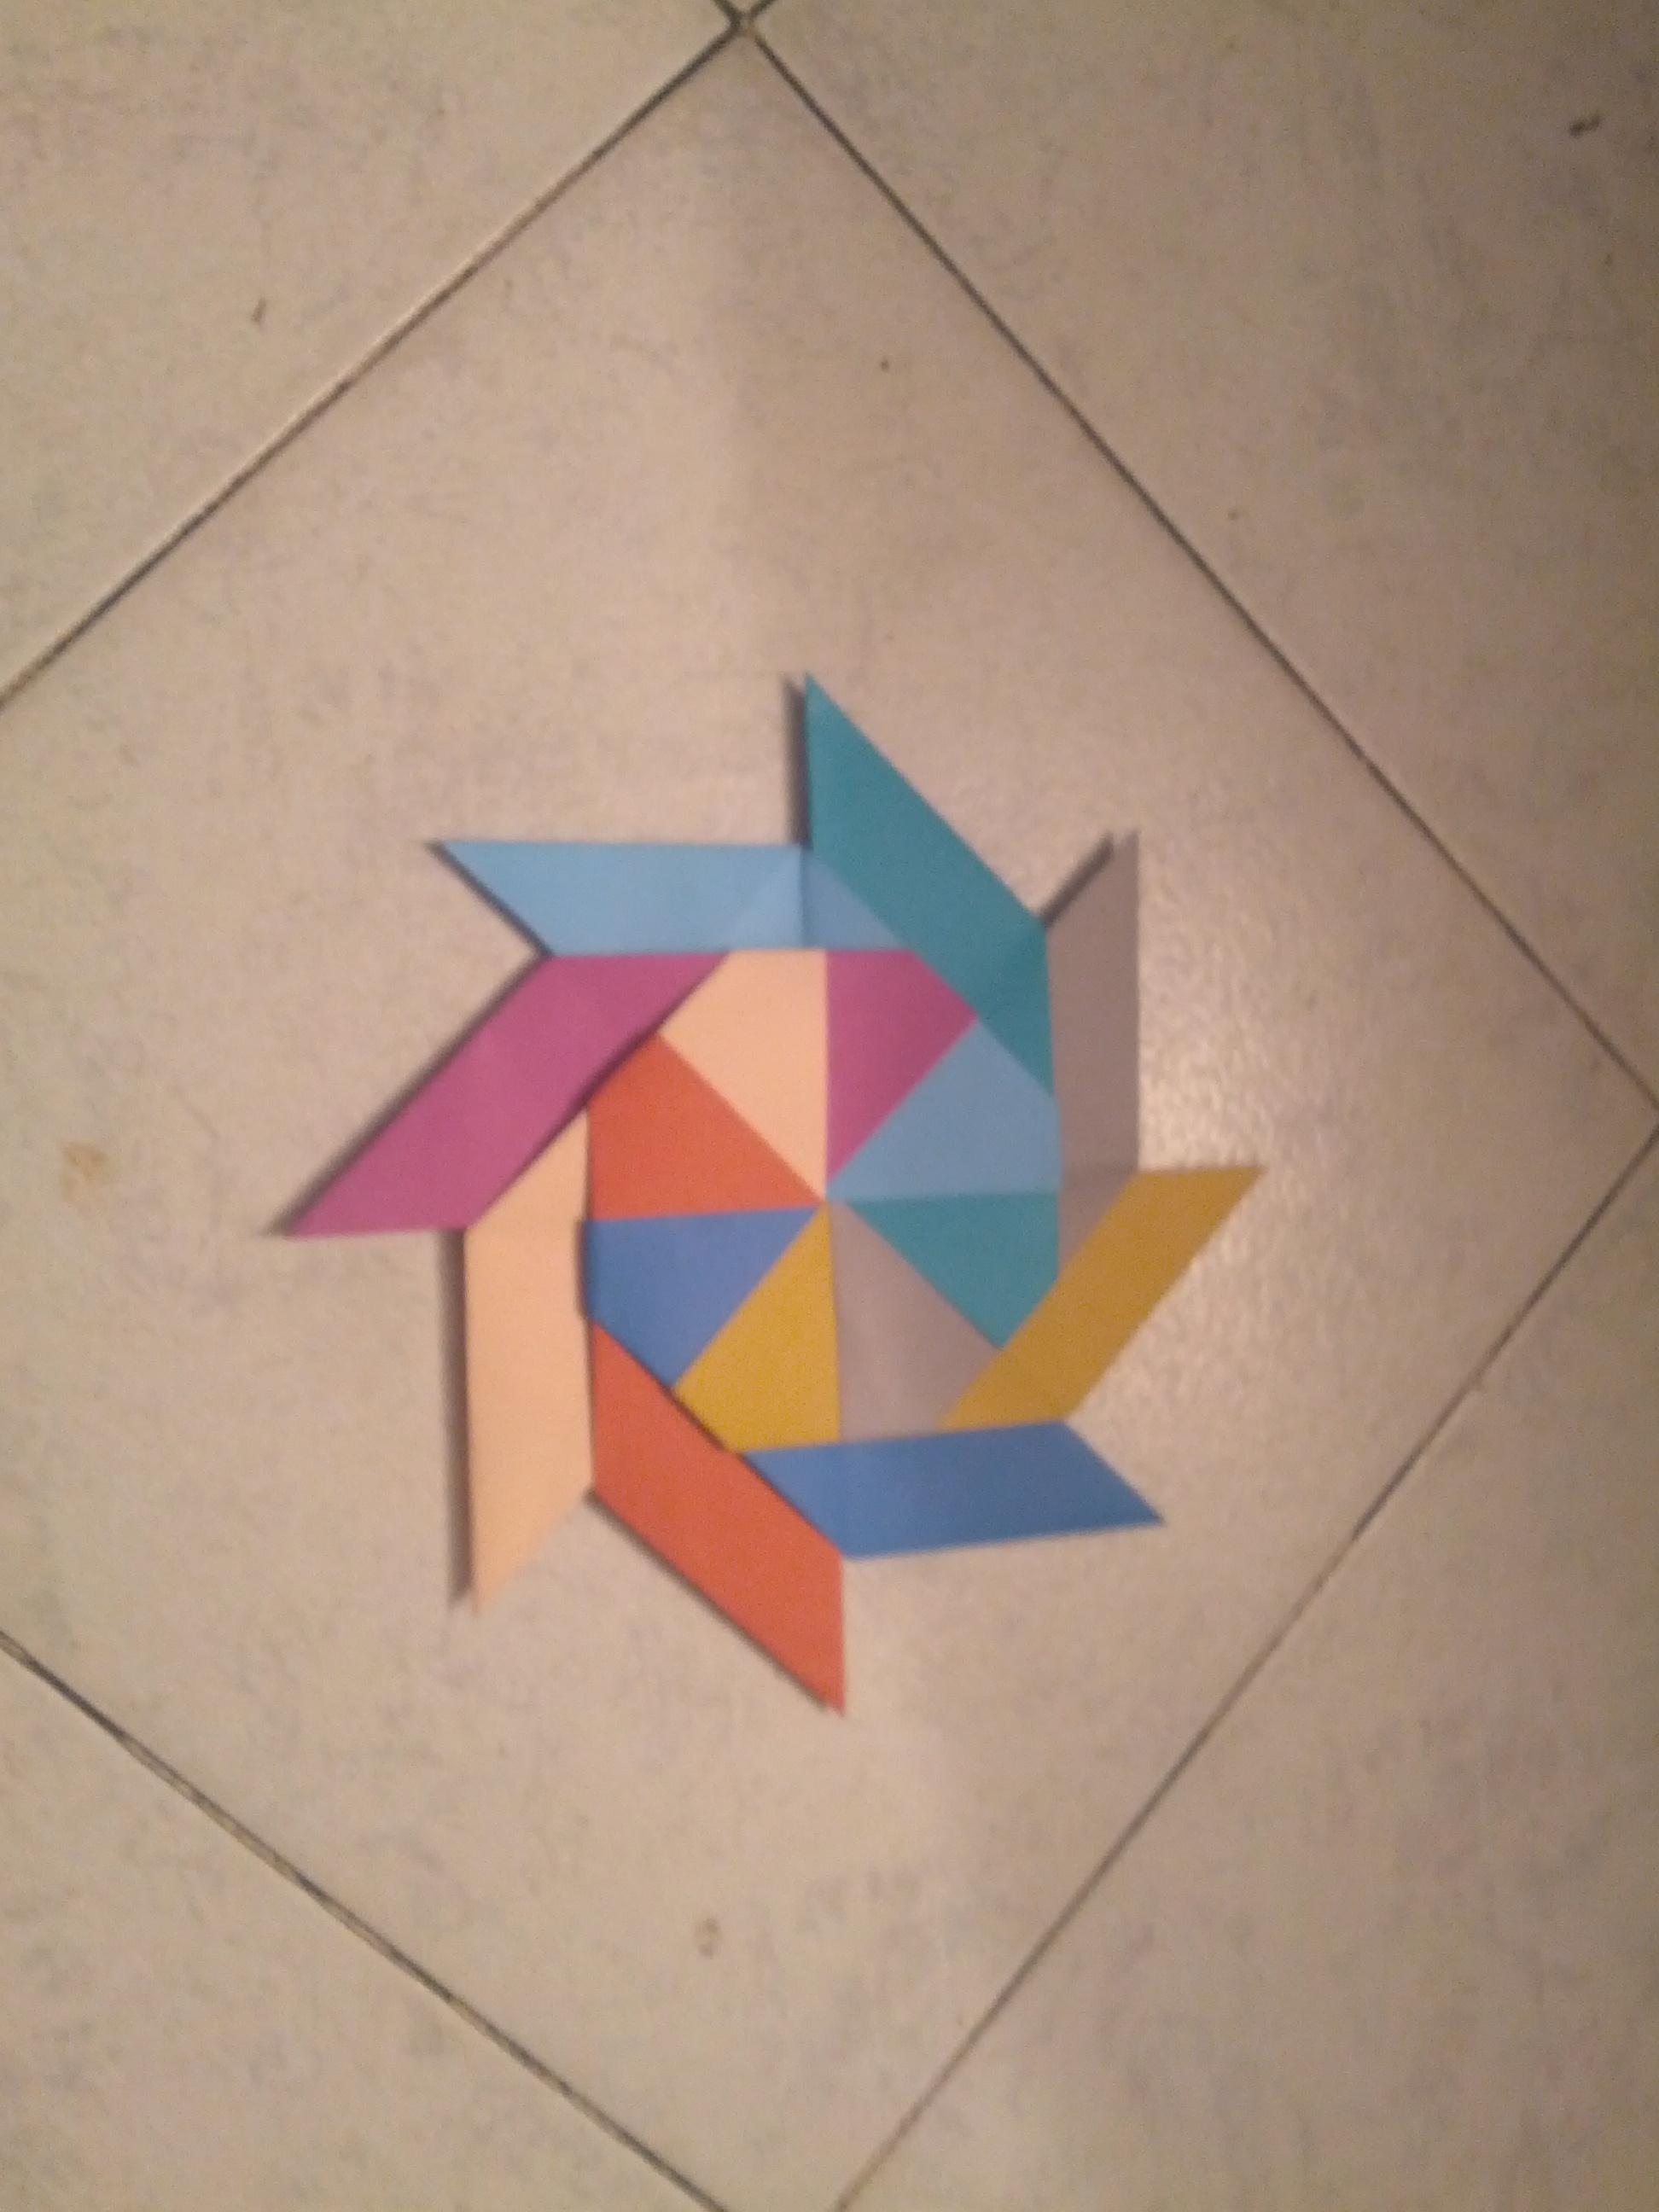 Origamin transforming Ninja star